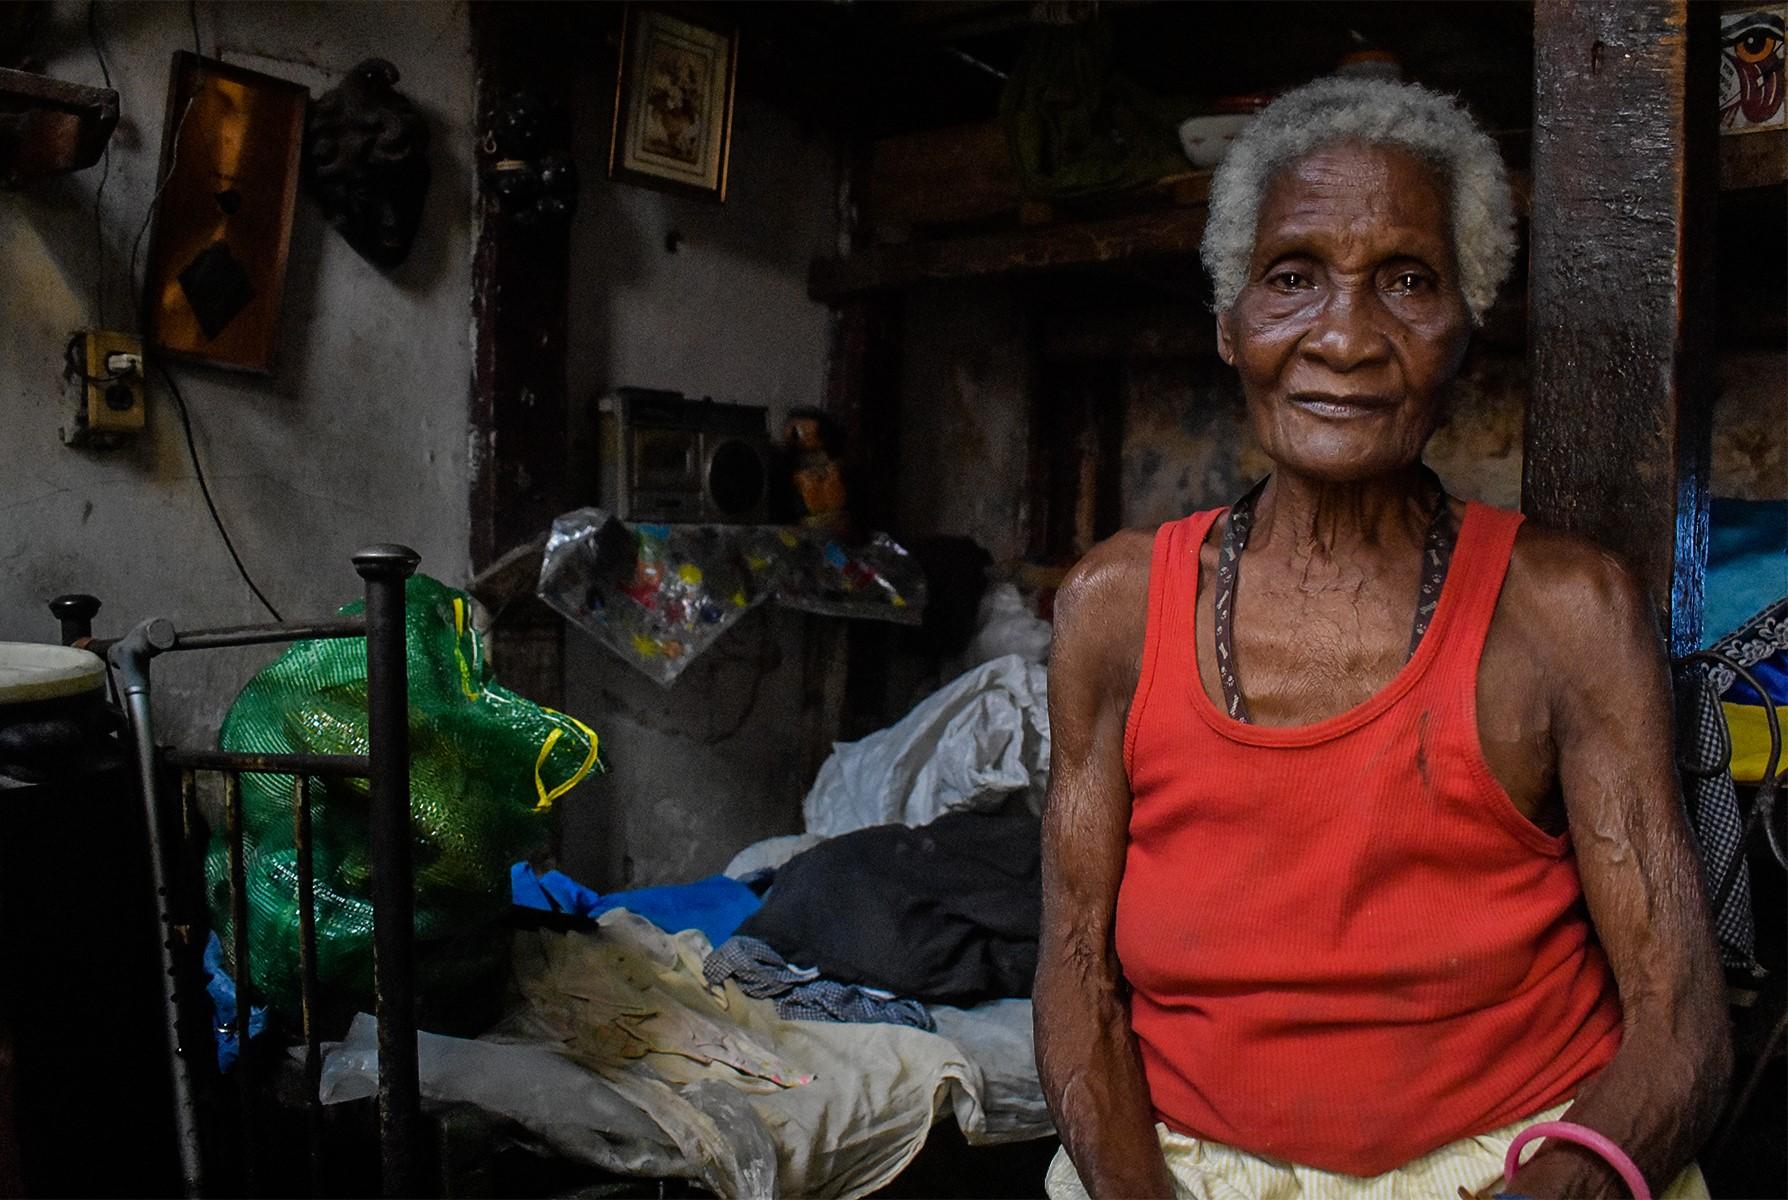 Magaly no recibe comida desde enero debido al alza de los precios. (Foto: Thalía Alfonso Gómez).